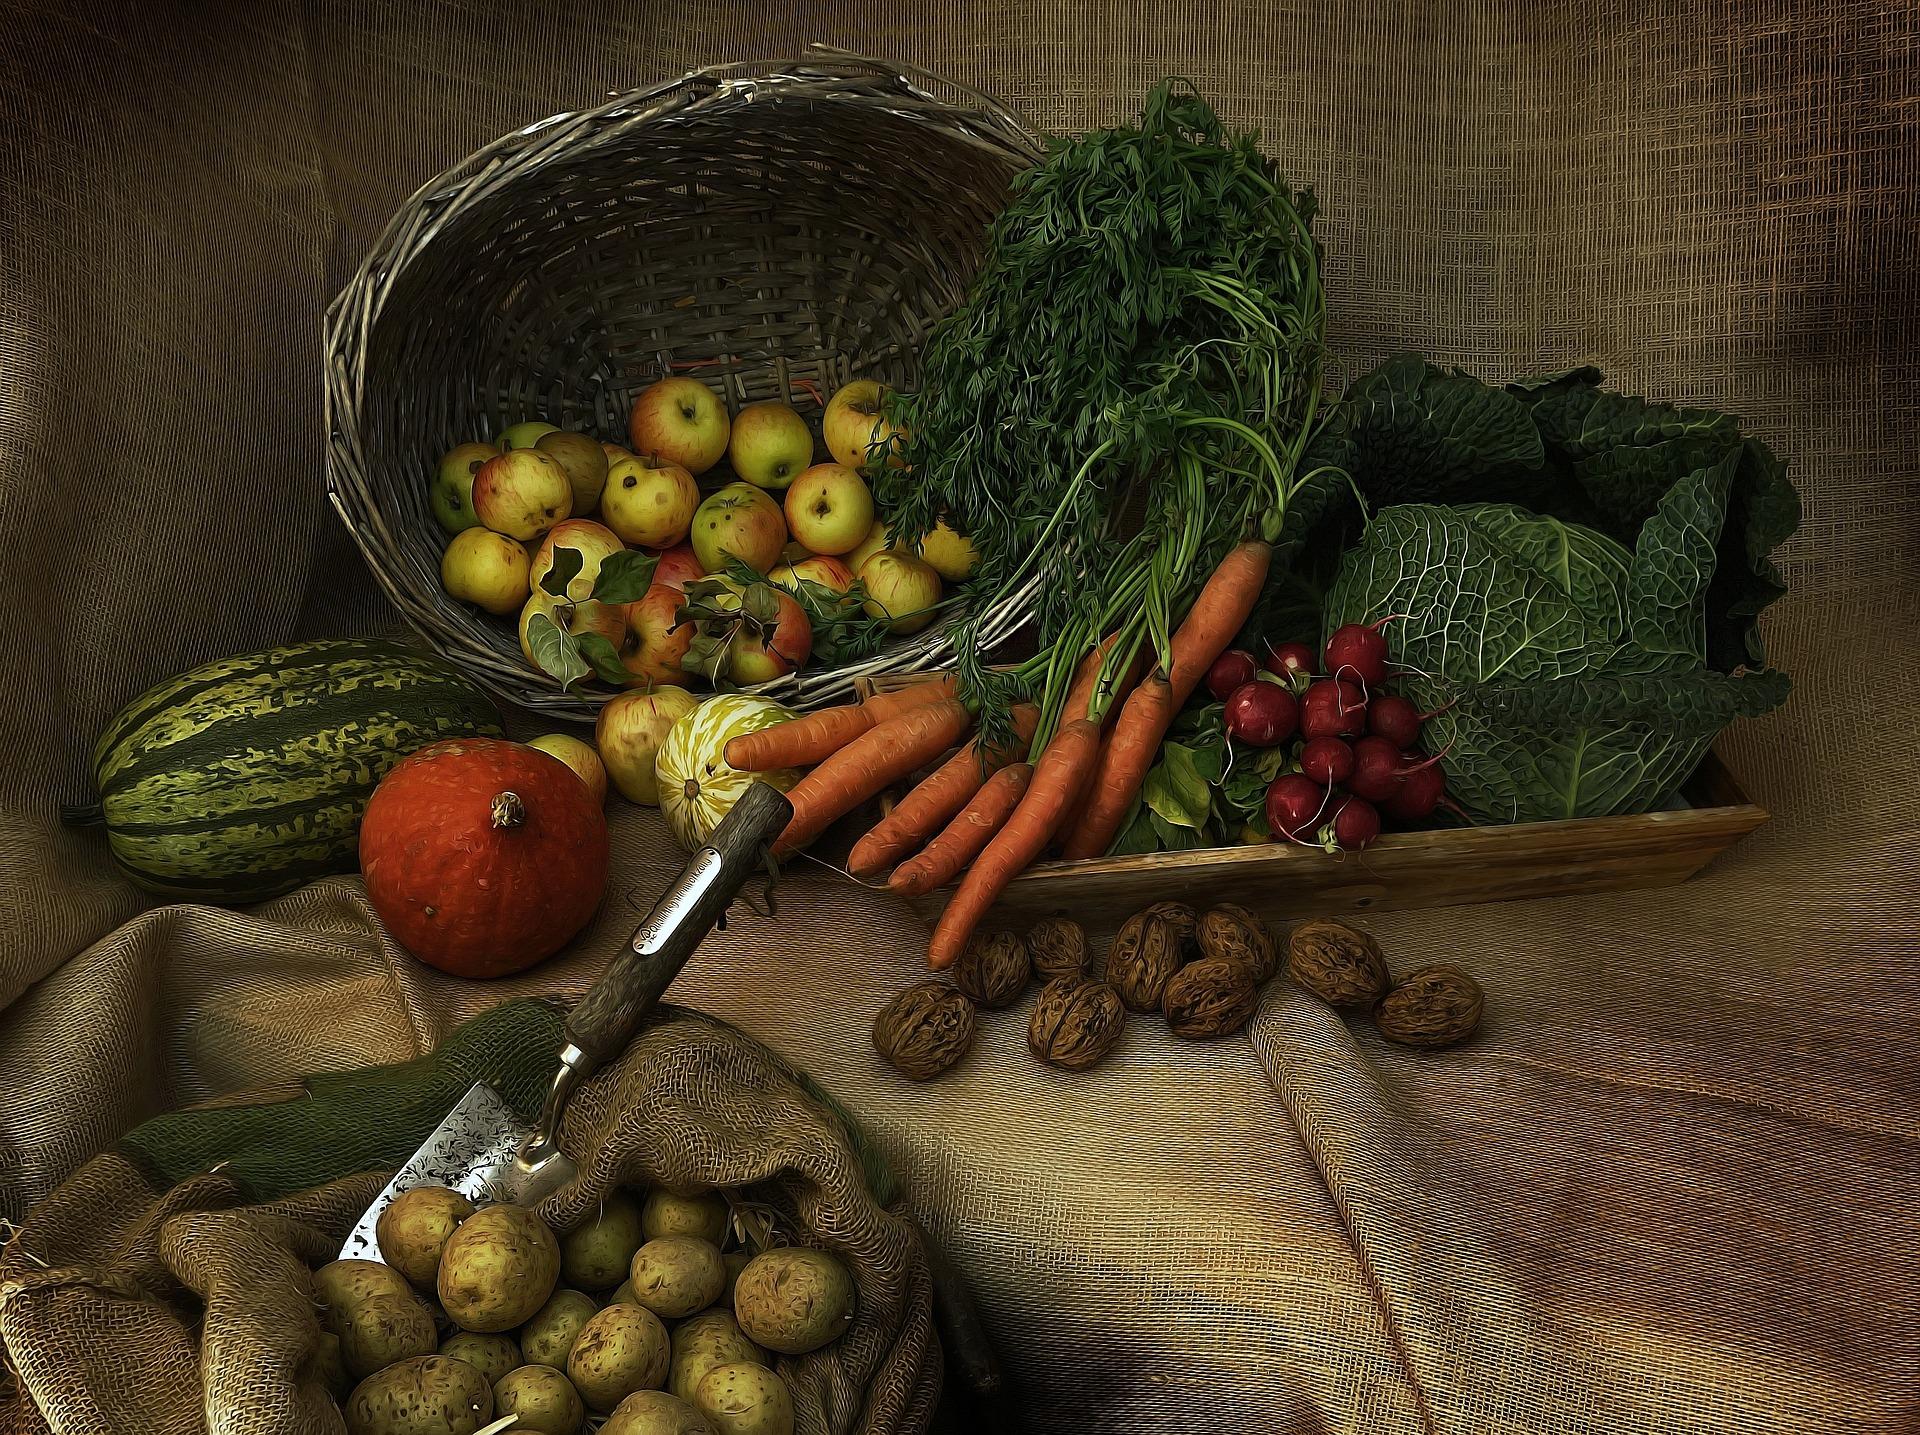 harvest-3679075_1920.jpg